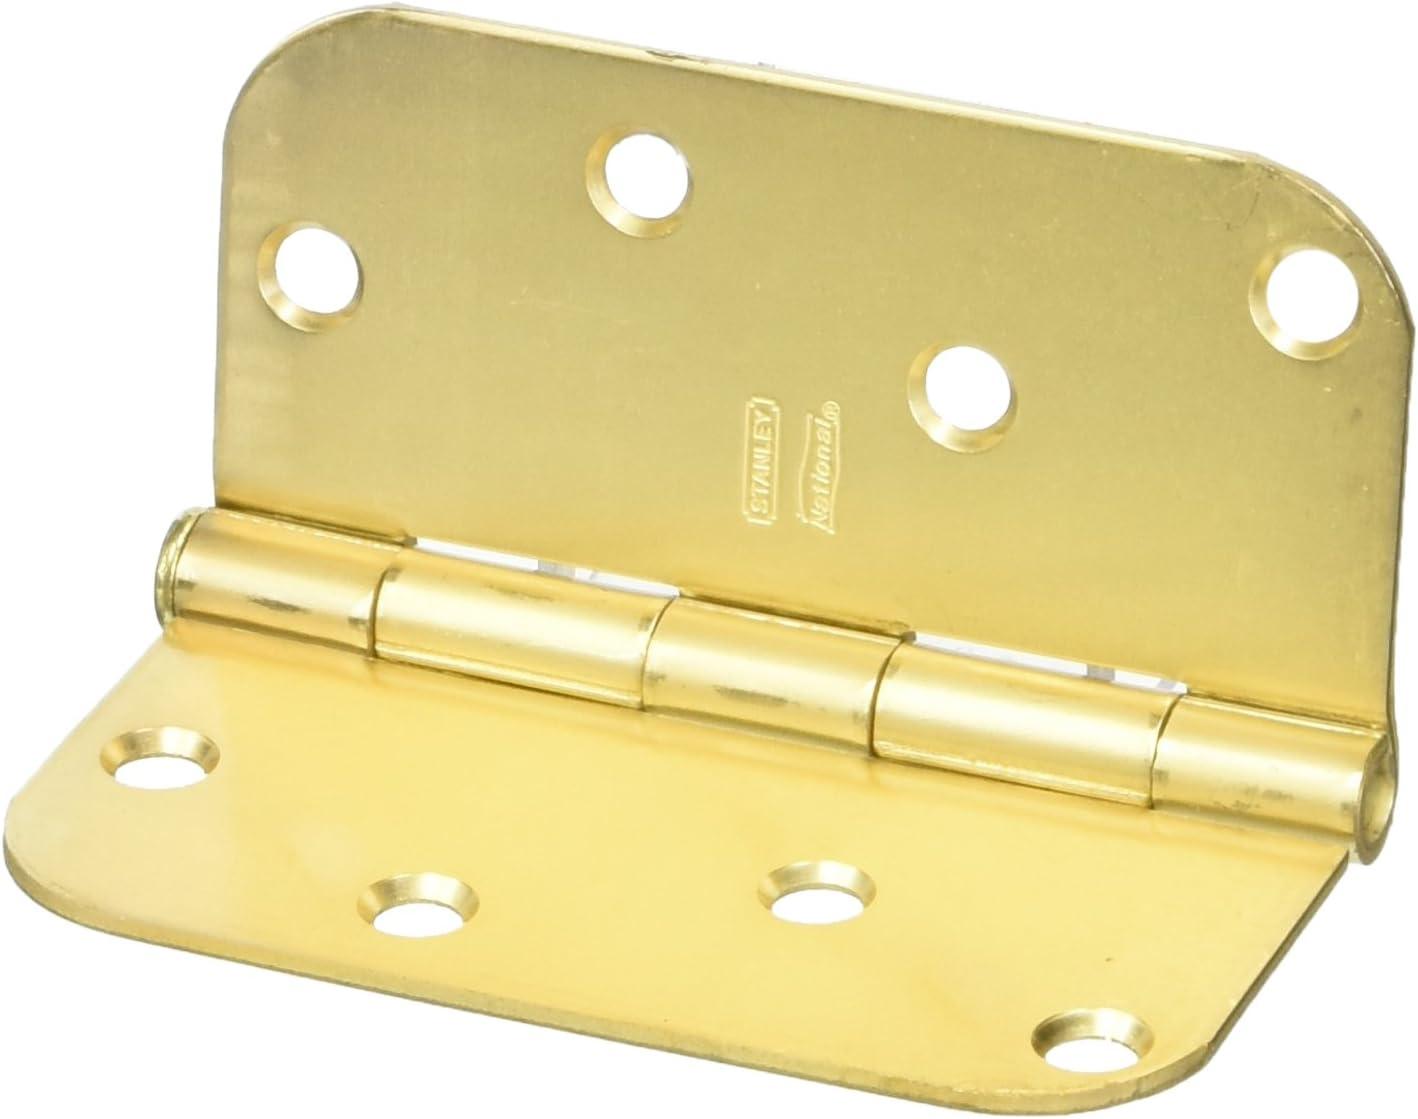 Satin Brass NATIONAL MFG//SPECTRUM BRANDS HHI N830-225 Door Hinge 4-Inch